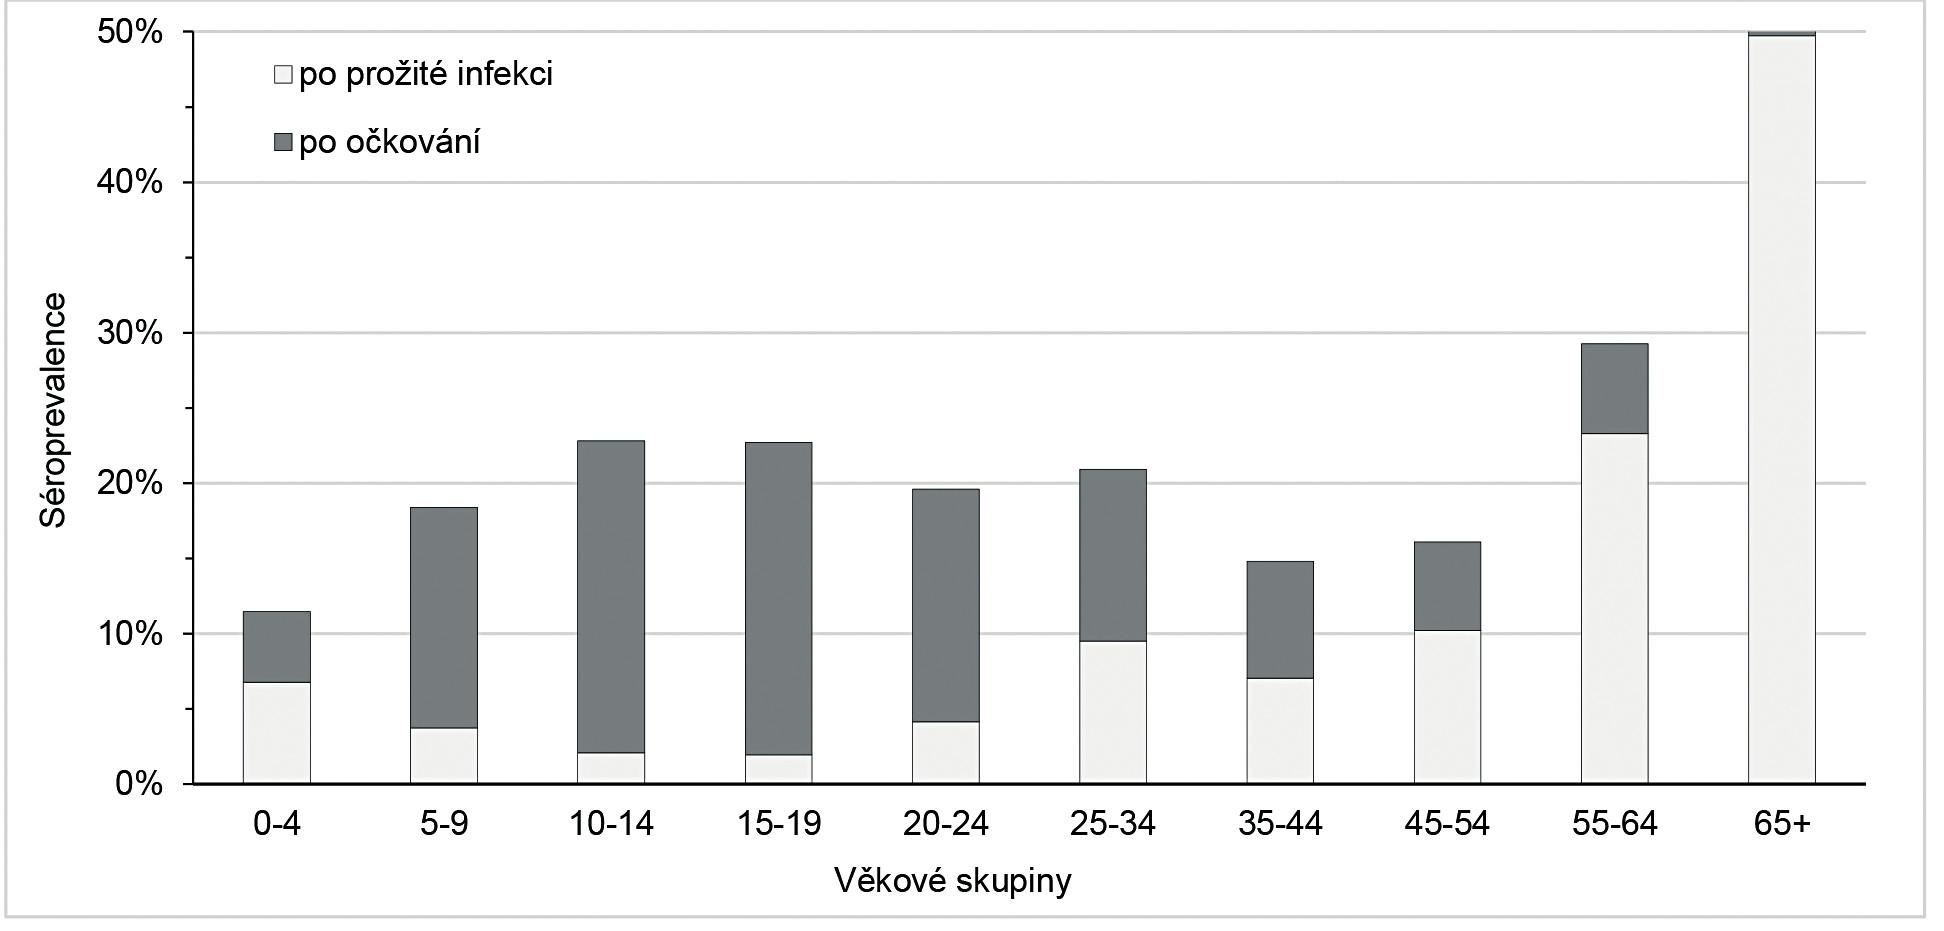 Séroprevalence (po očkování a po prožité infekci) podle věkových skupin Figure 4. Seroprevalence (after vaccination and after infection) by age group